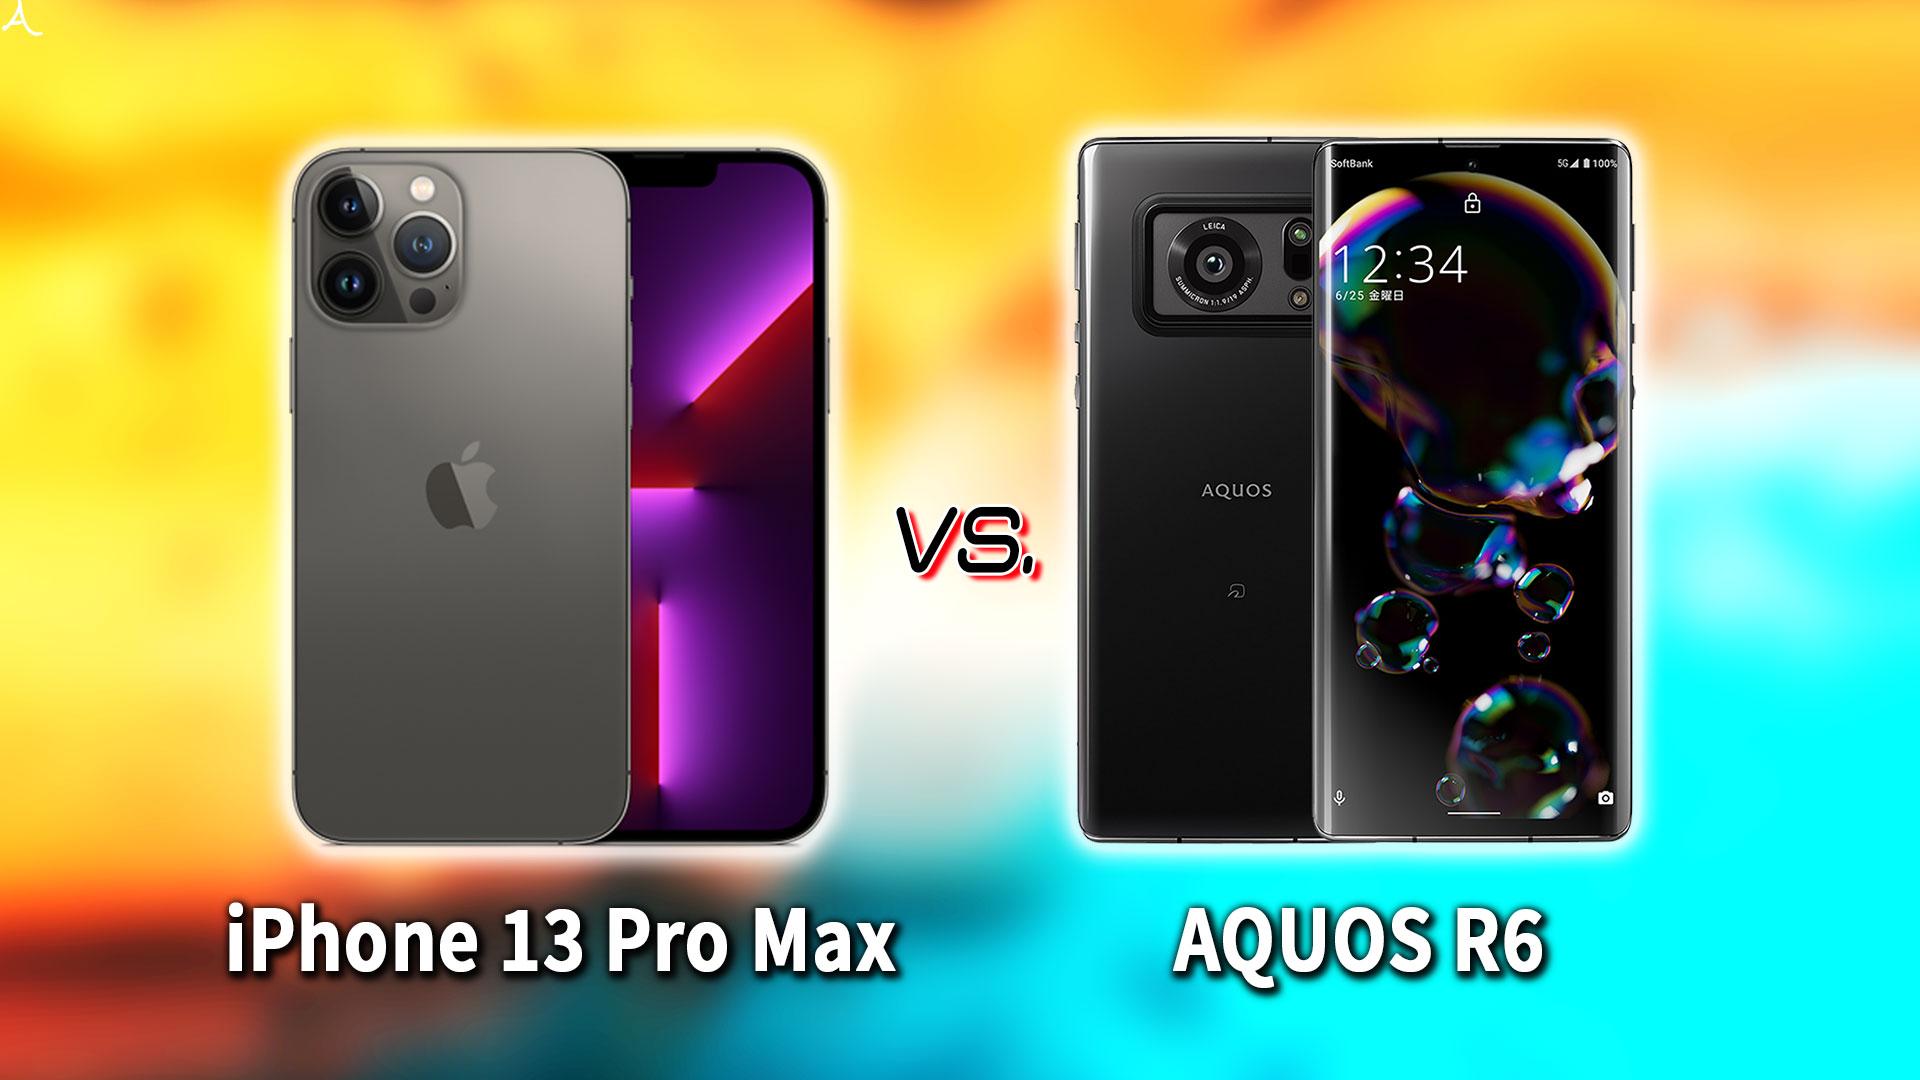 「iPhone 13 Pro Max」と「AQUOS R6」の違いを比較:どっちを買う?